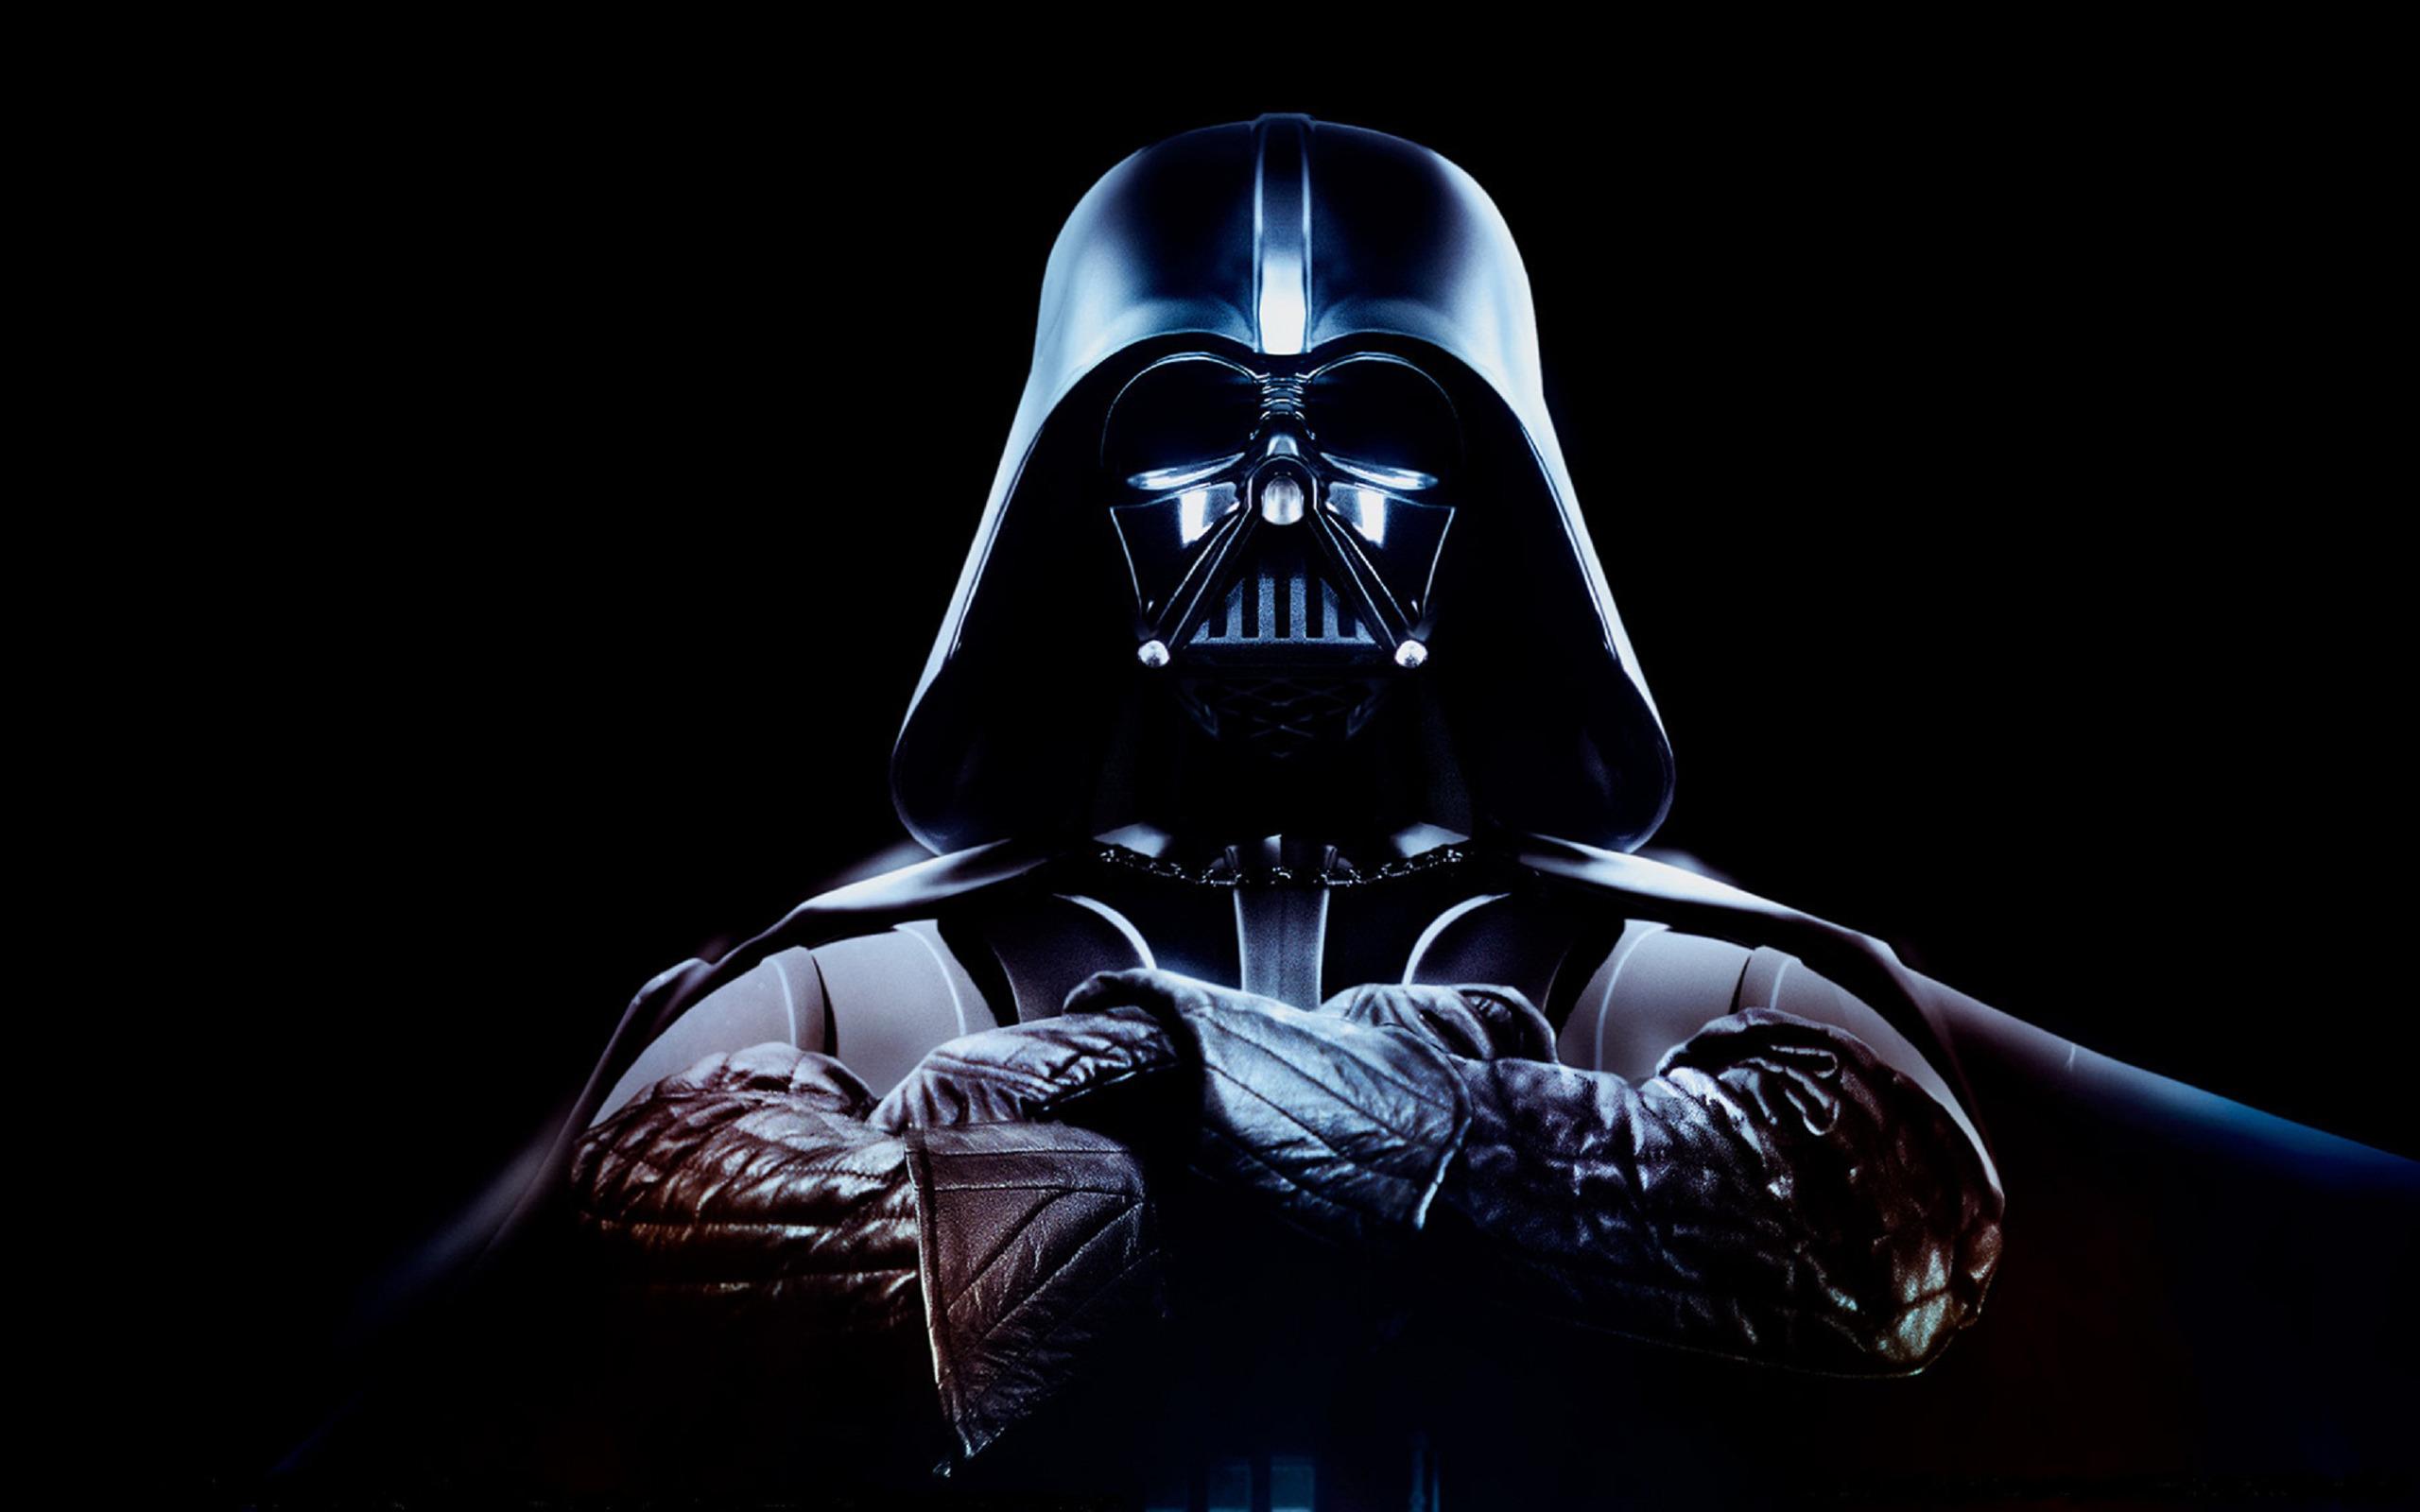 Un cosplay de Darth Vader provoca la evacuación de un instituto